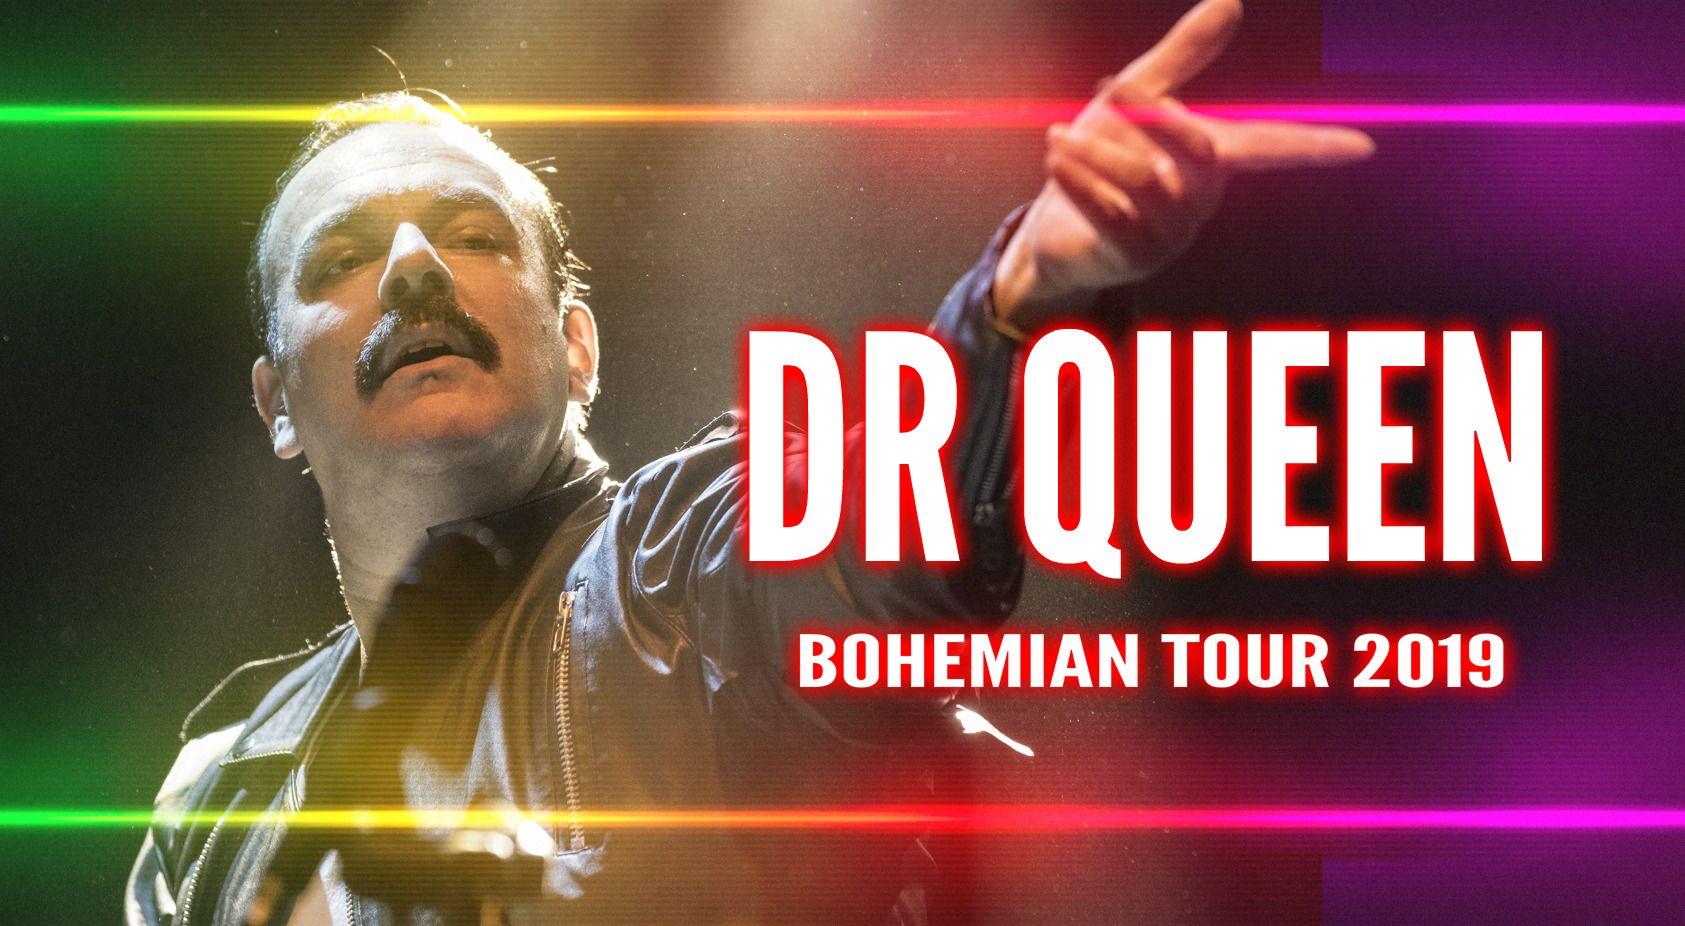 doctor queen dr españa